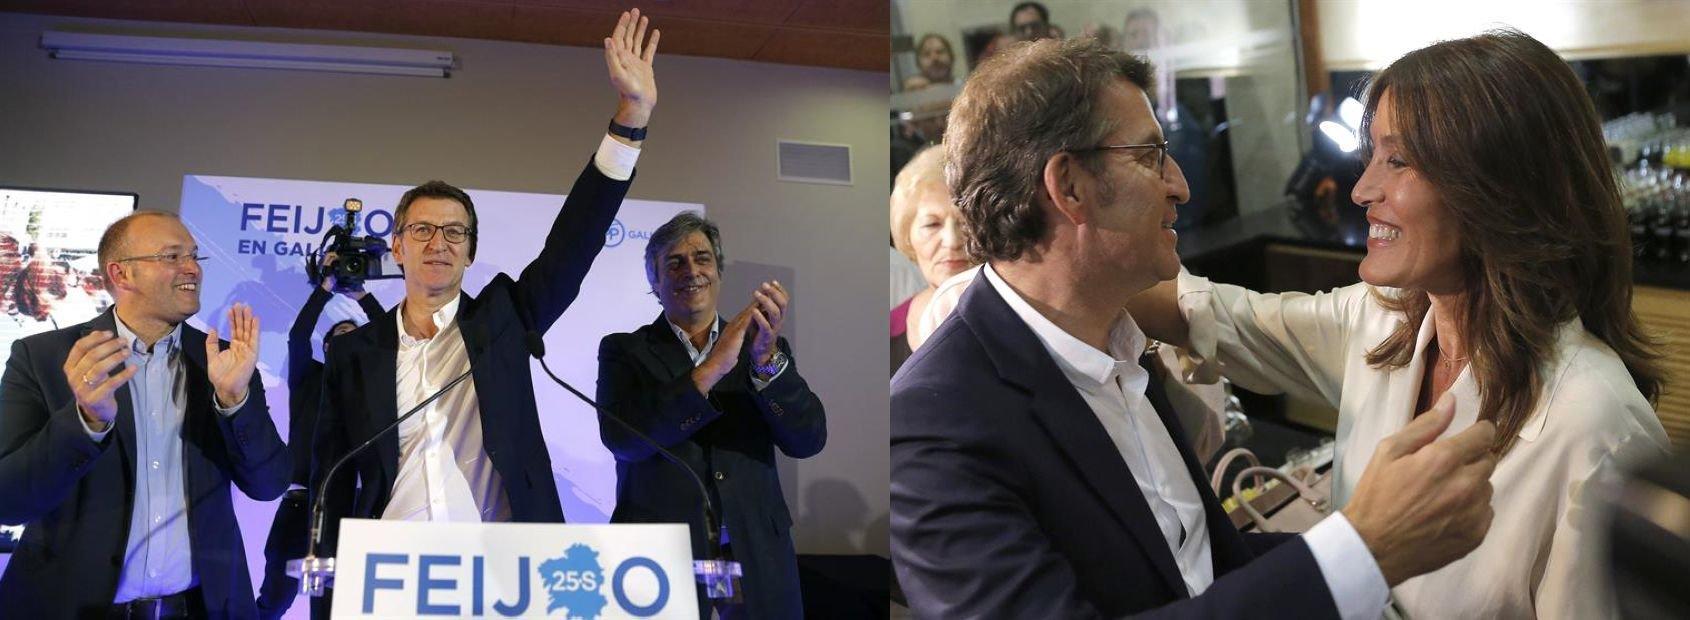 Alberto Nuñez Feijóo, celebra con su novia Eva Cárdenas el resultado electoral (d)